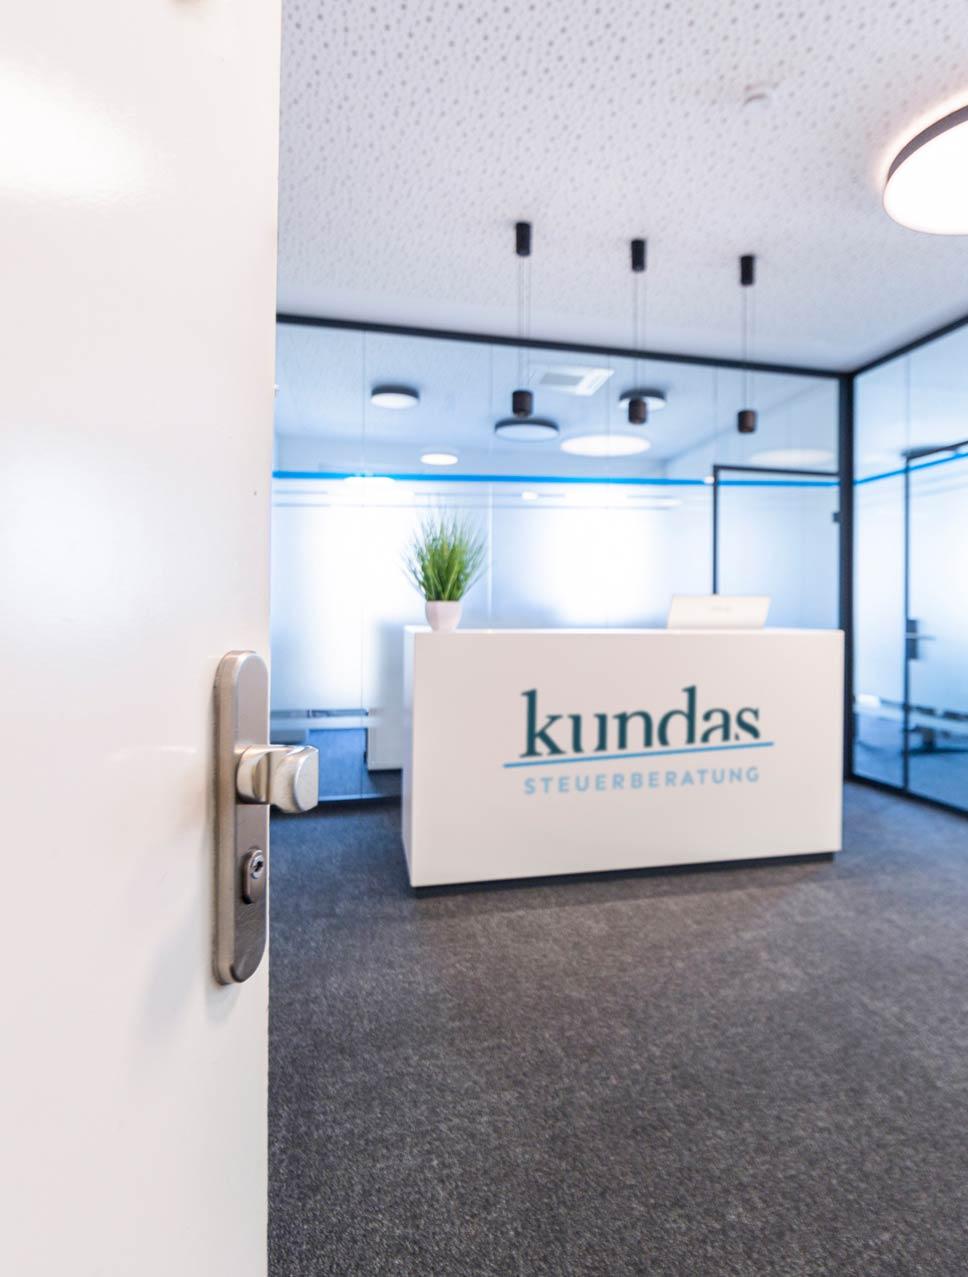 Willkommen bei kundas – Ihrem Steuerberater in Bad-Nauheim